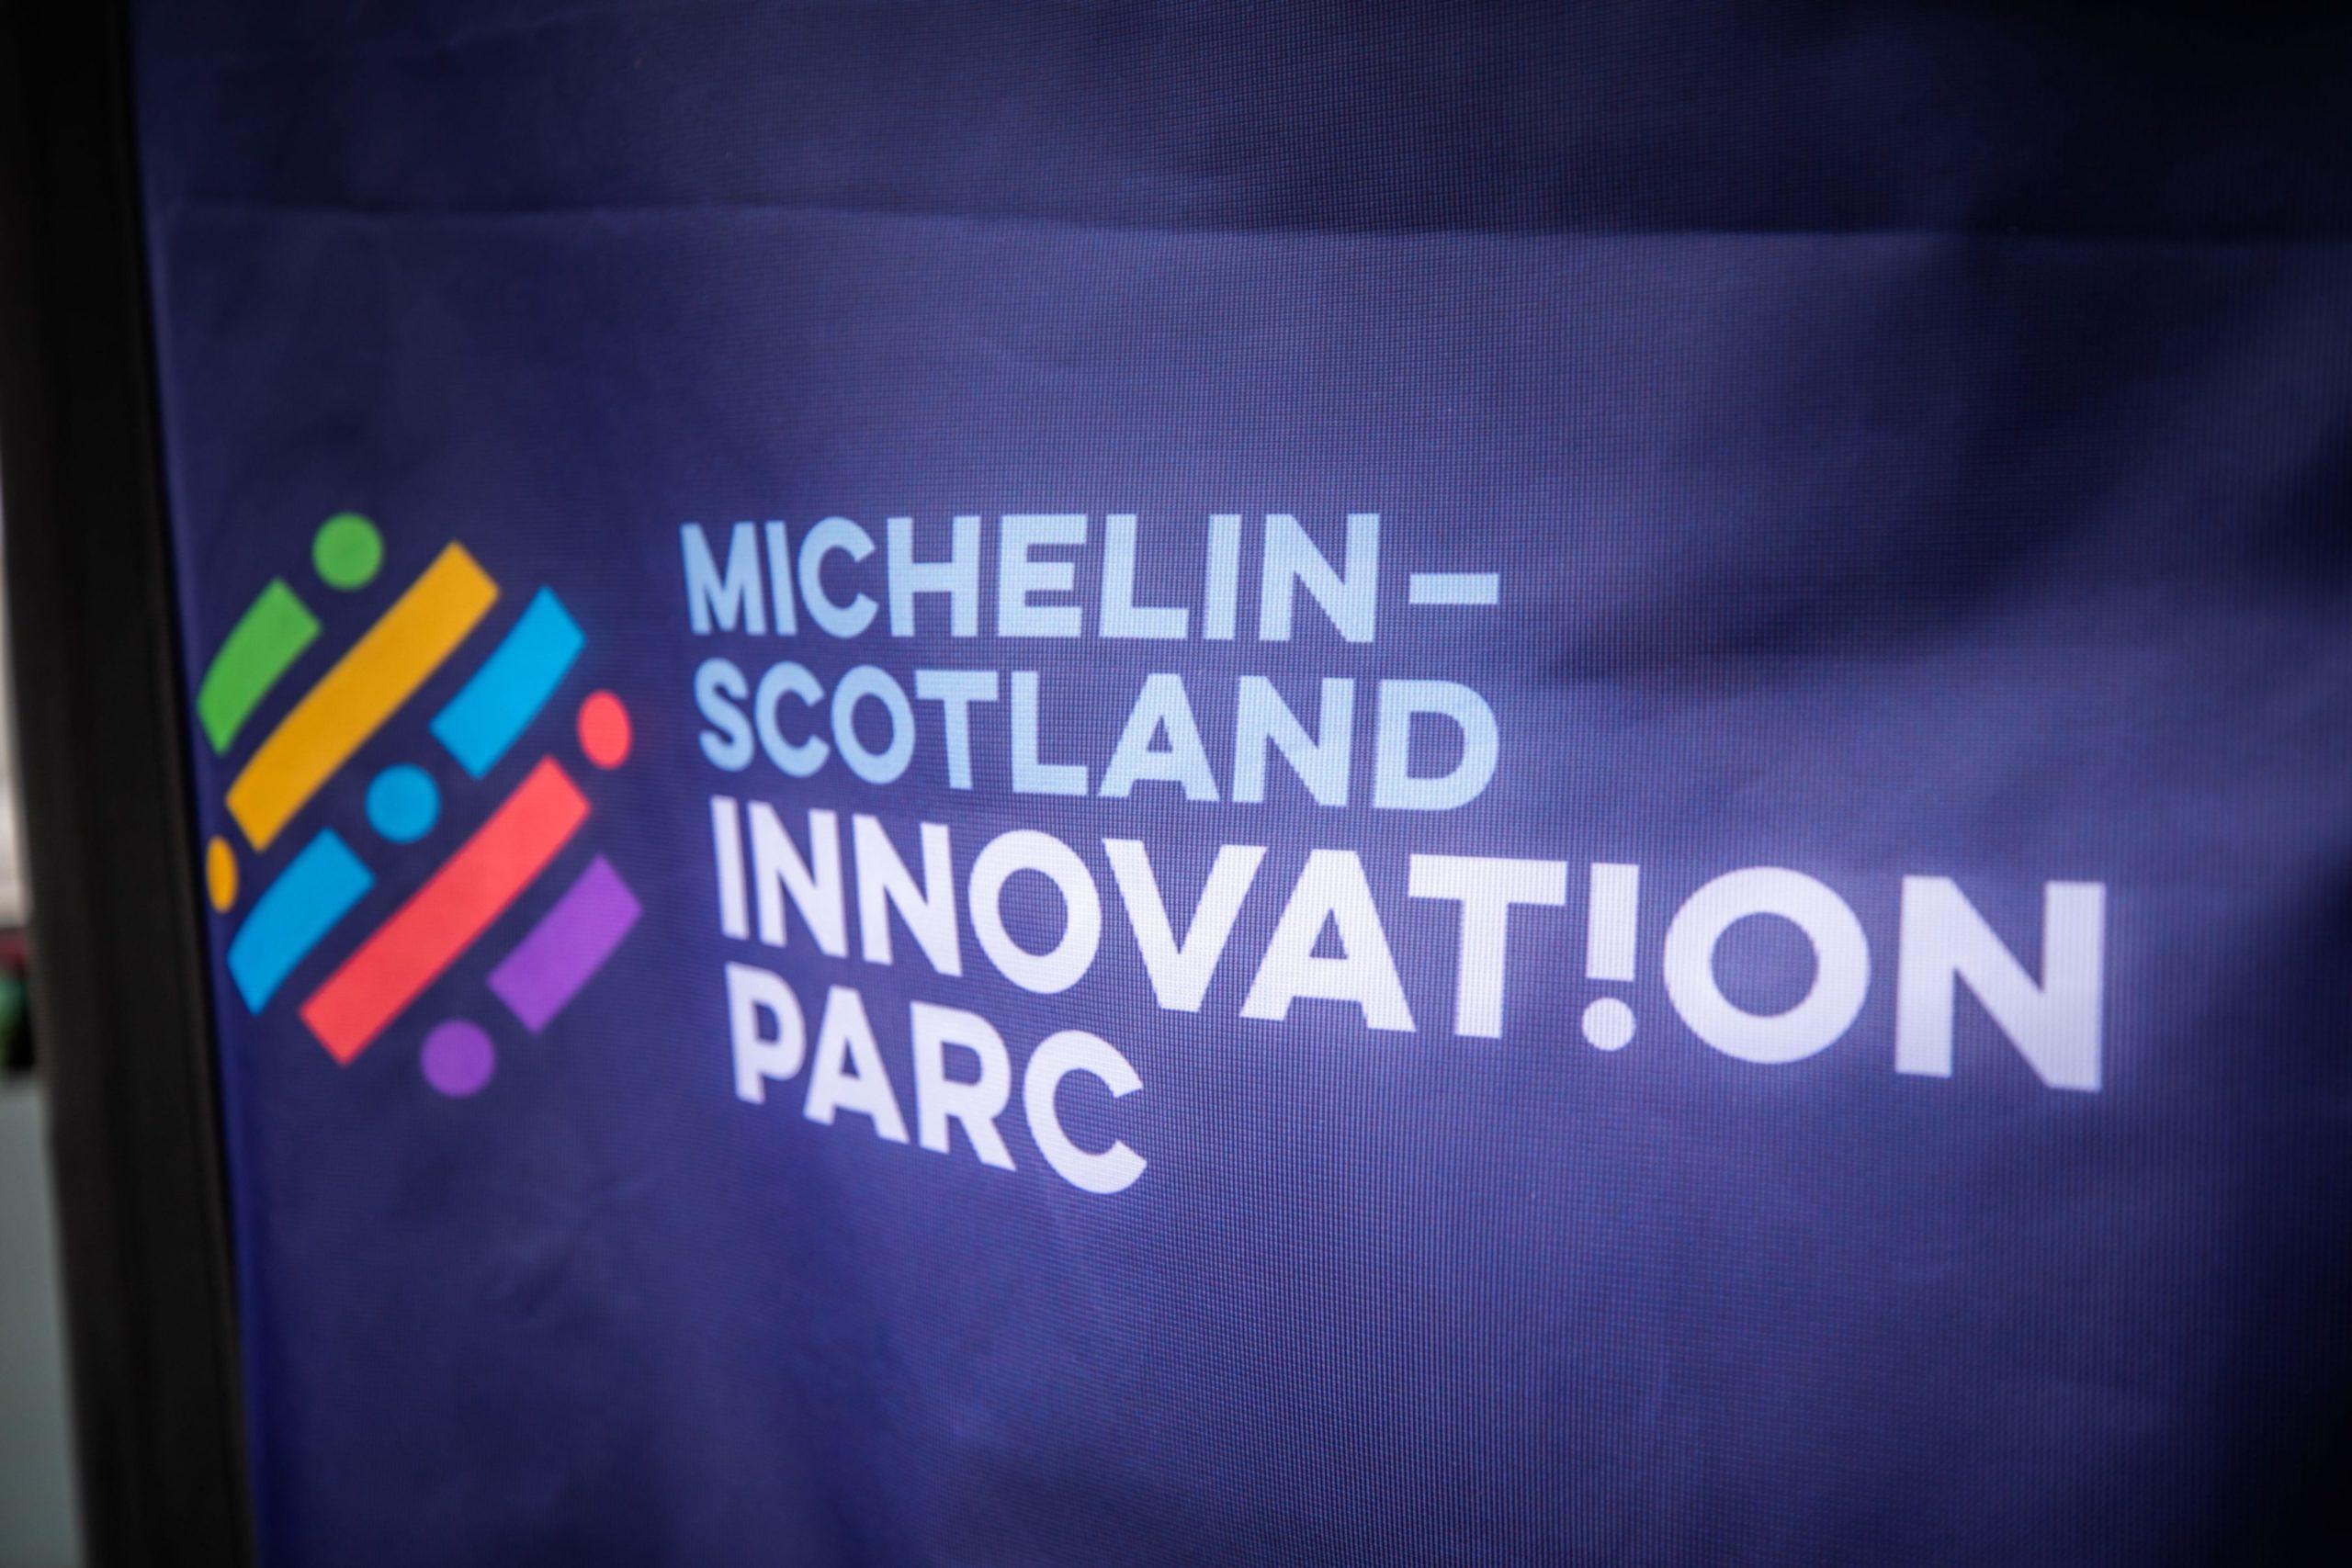 Michelin Scotland Innovation Parc.